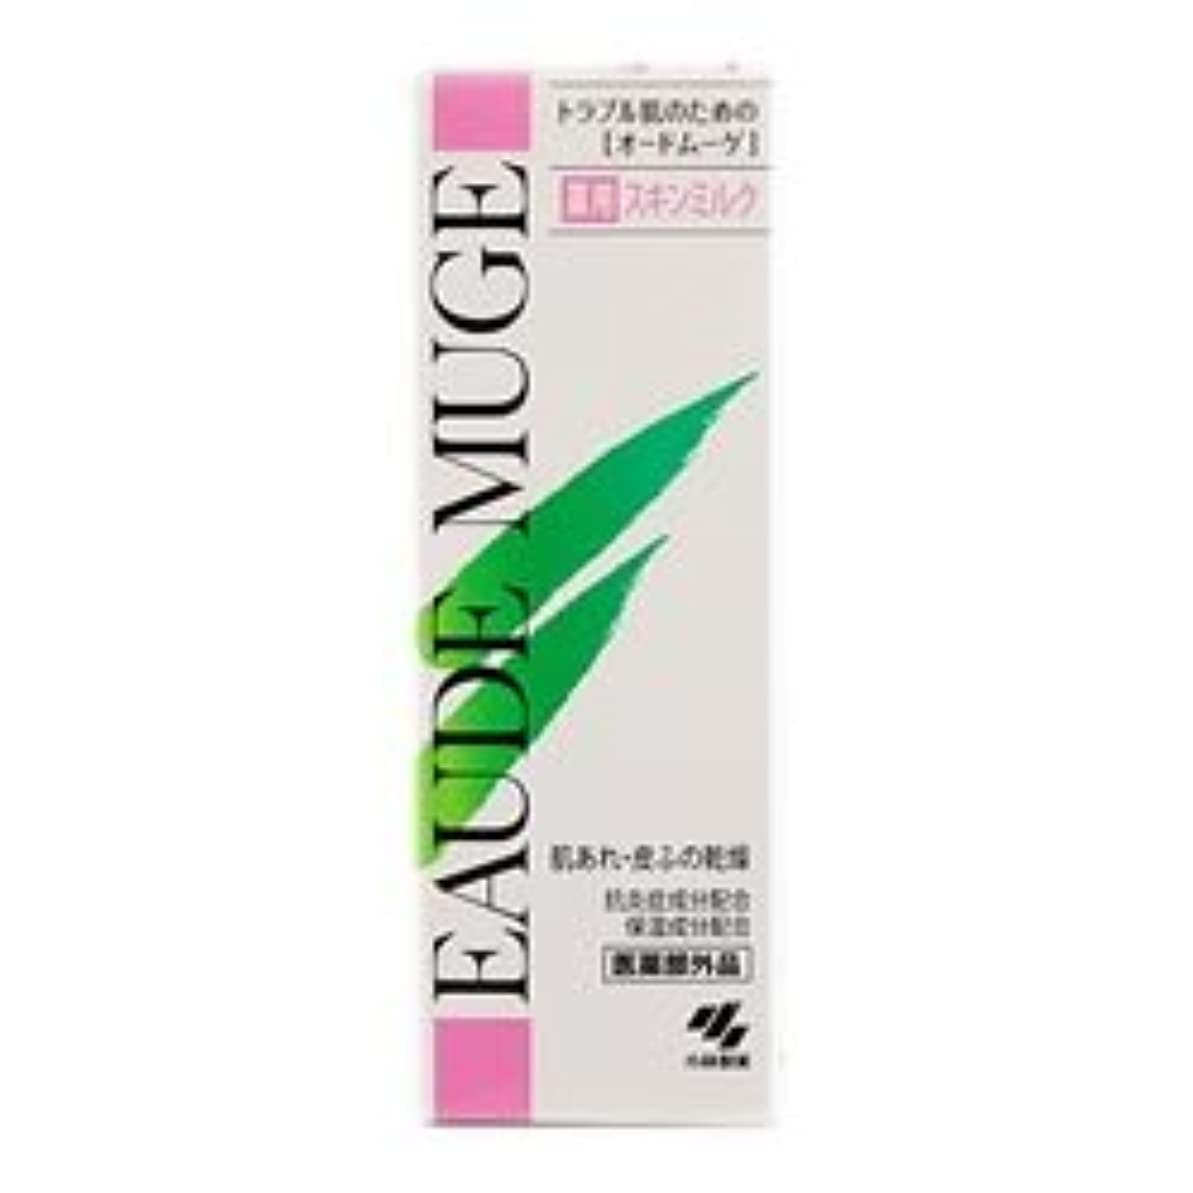 全体にメトリック発明【小林製薬】オードムーゲ薬用スキンミルク 100g ×3個セット